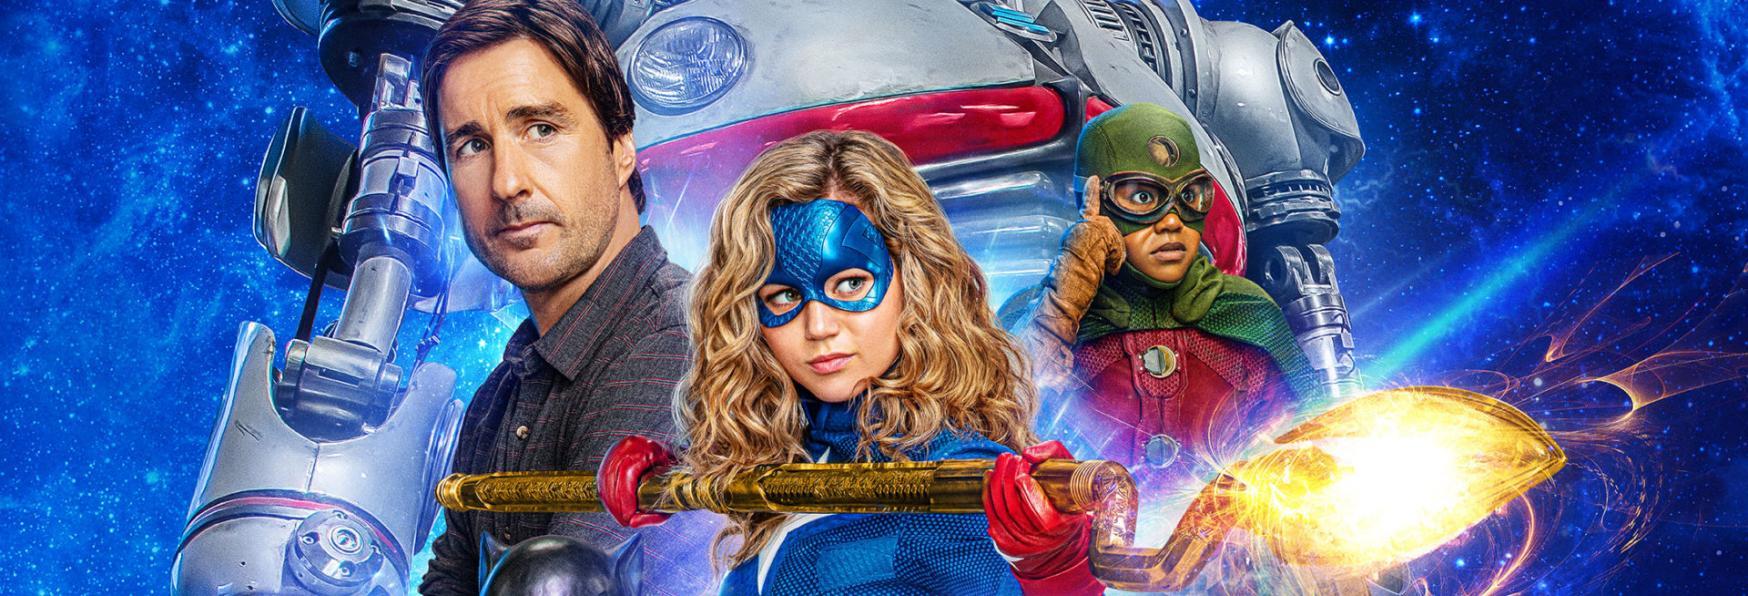 Stargirl: l'Injustice Society nel nuovo Trailer della Serie TV targata DC Universe